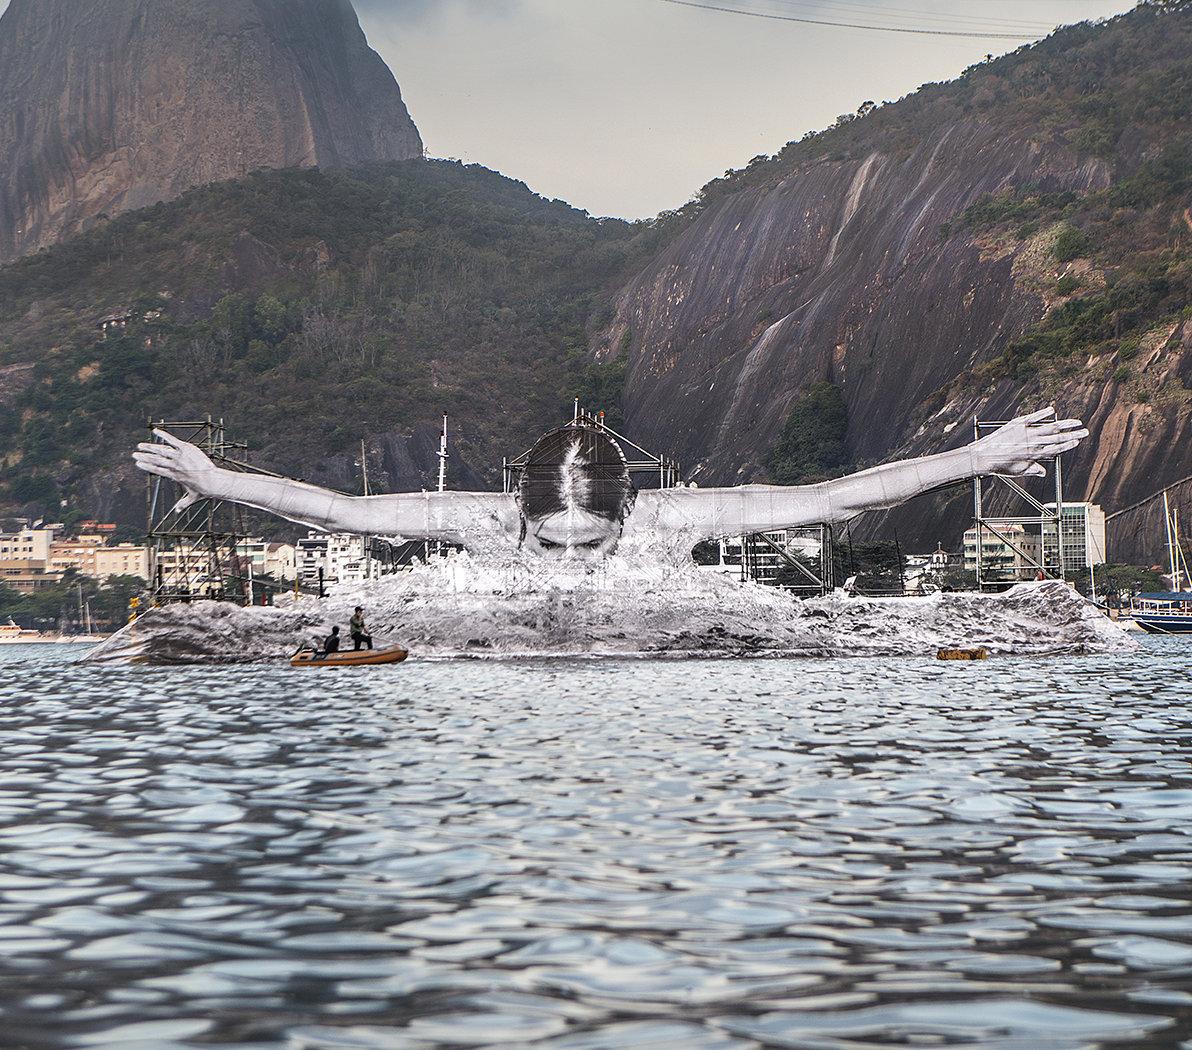 jr-intervenção-rio-de-janeiro-olimpiadas-2016-5